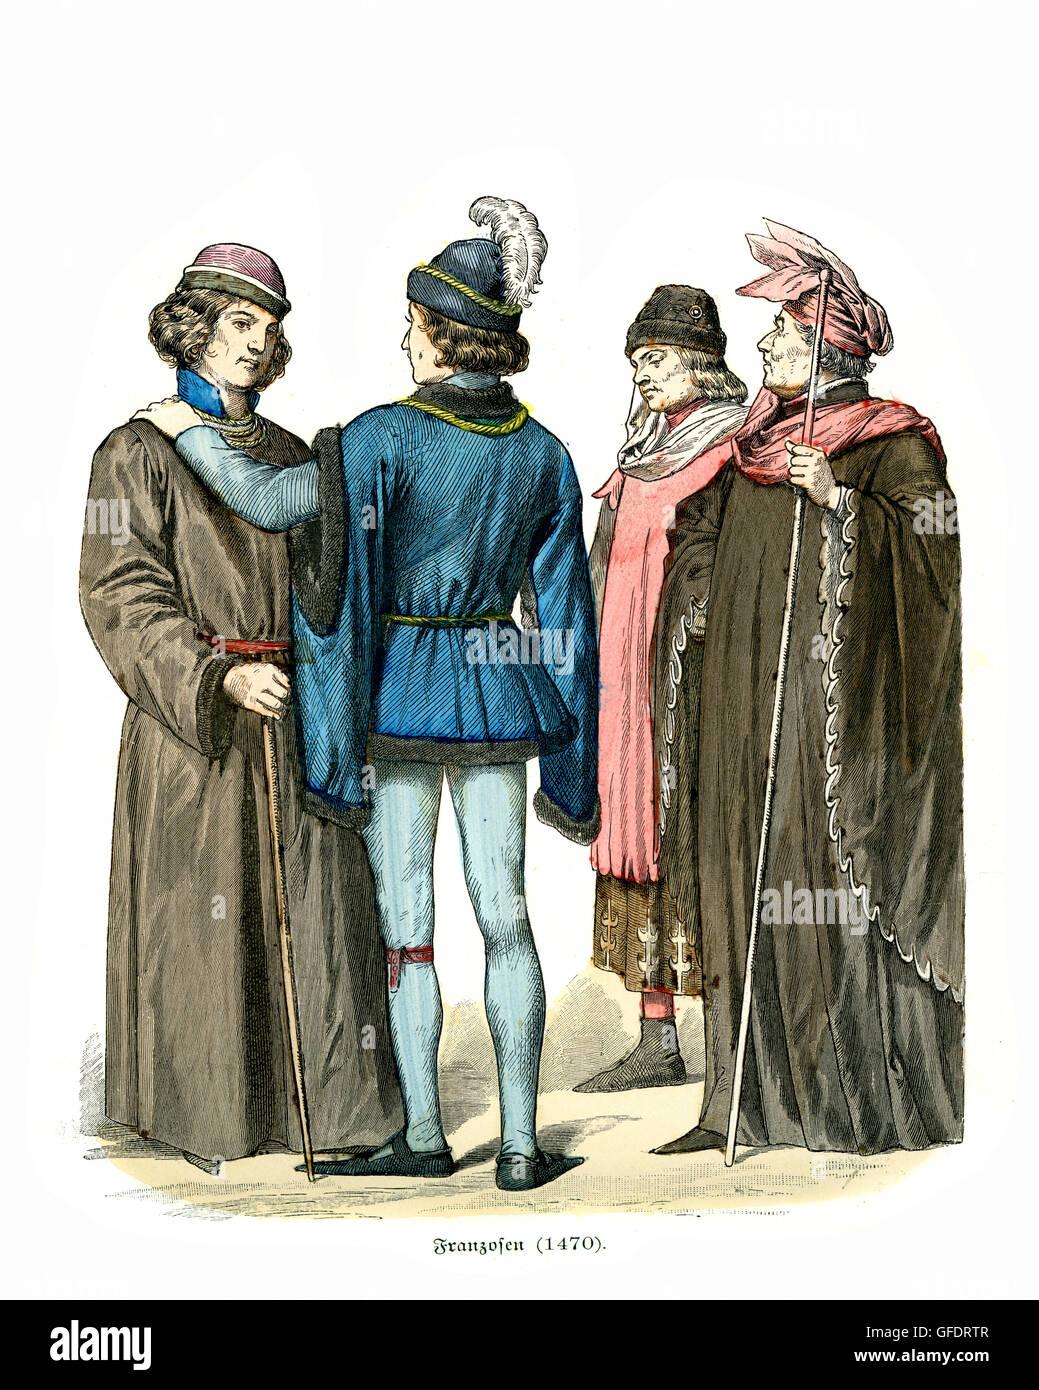 Herren Mode der mittelalterlichen Frankreich 15. Jahrhundert Stockbild